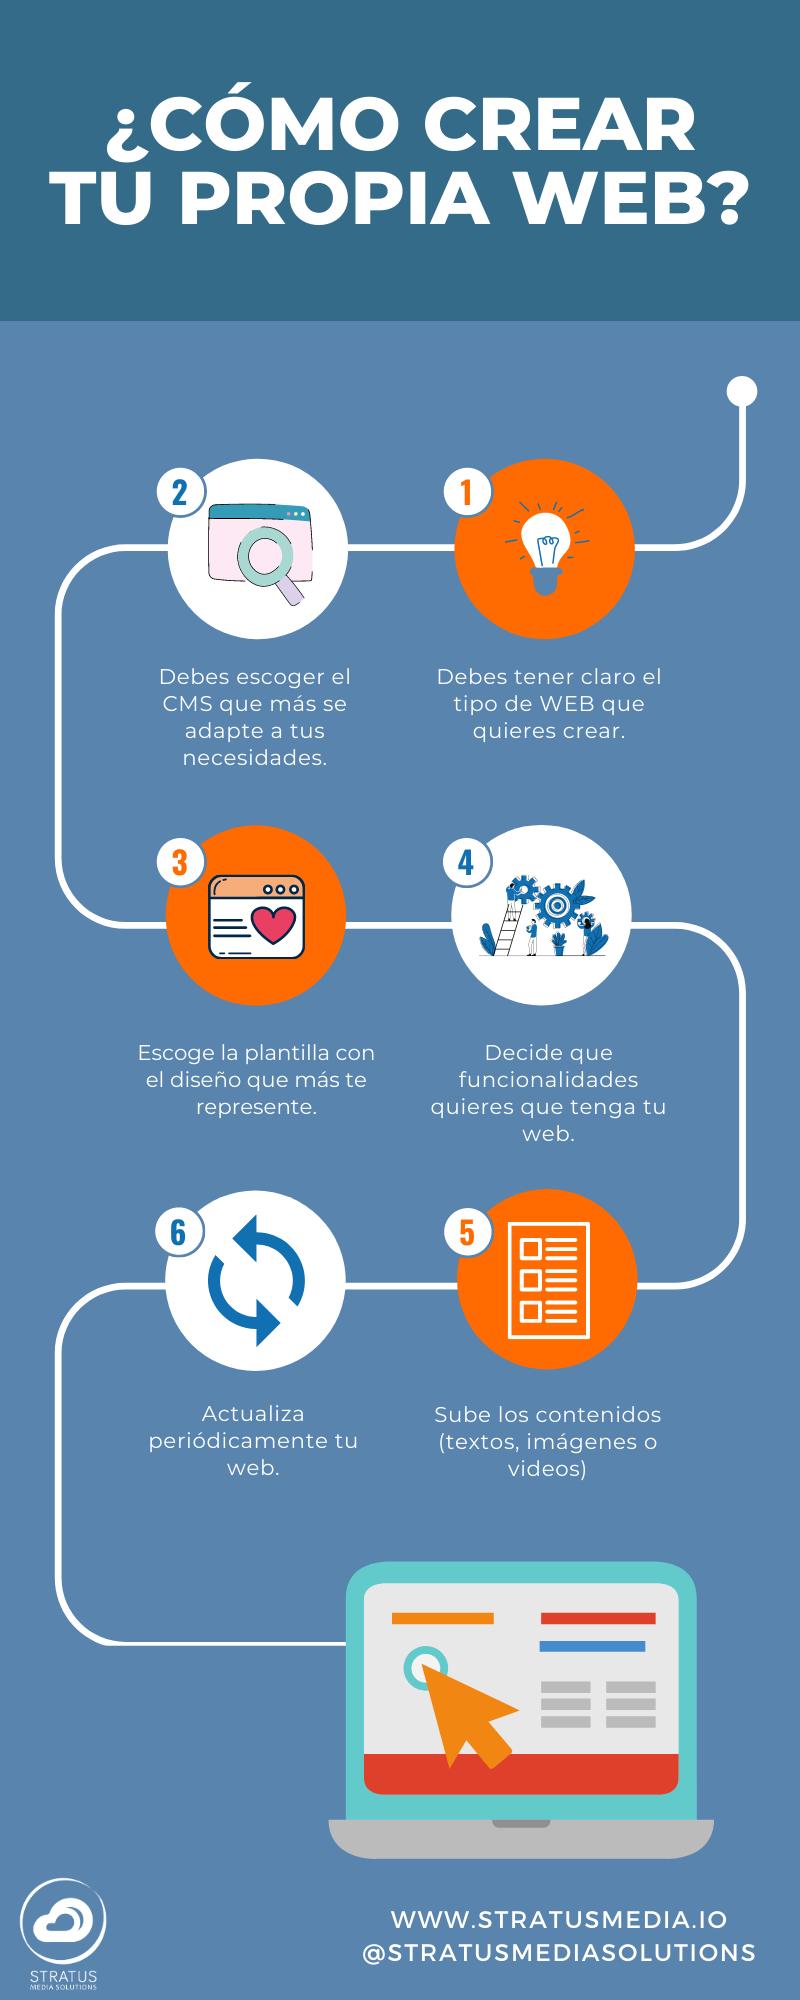 Infografía de cómo crear tu propia web con un CMS